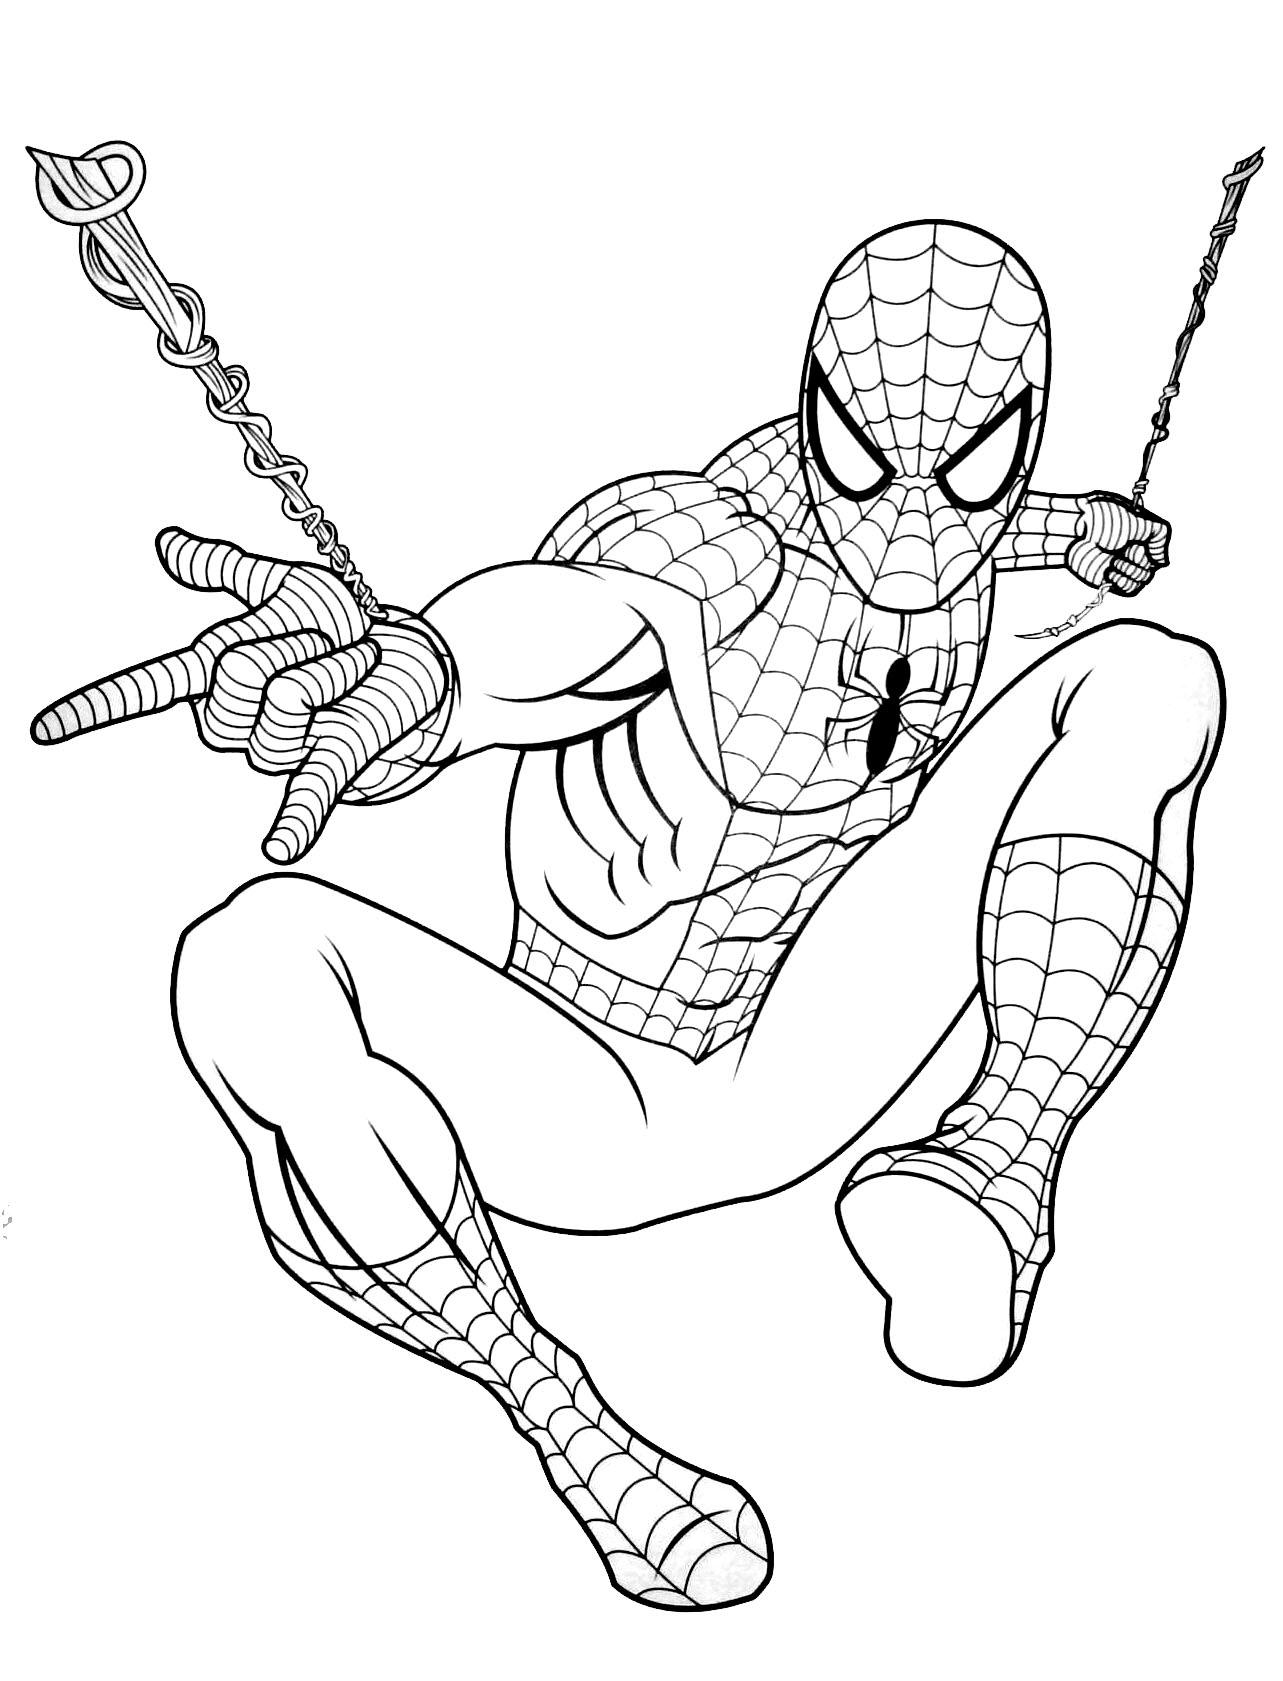 20 Dessins De Coloriage Spiderman Gratuit A Imprimer